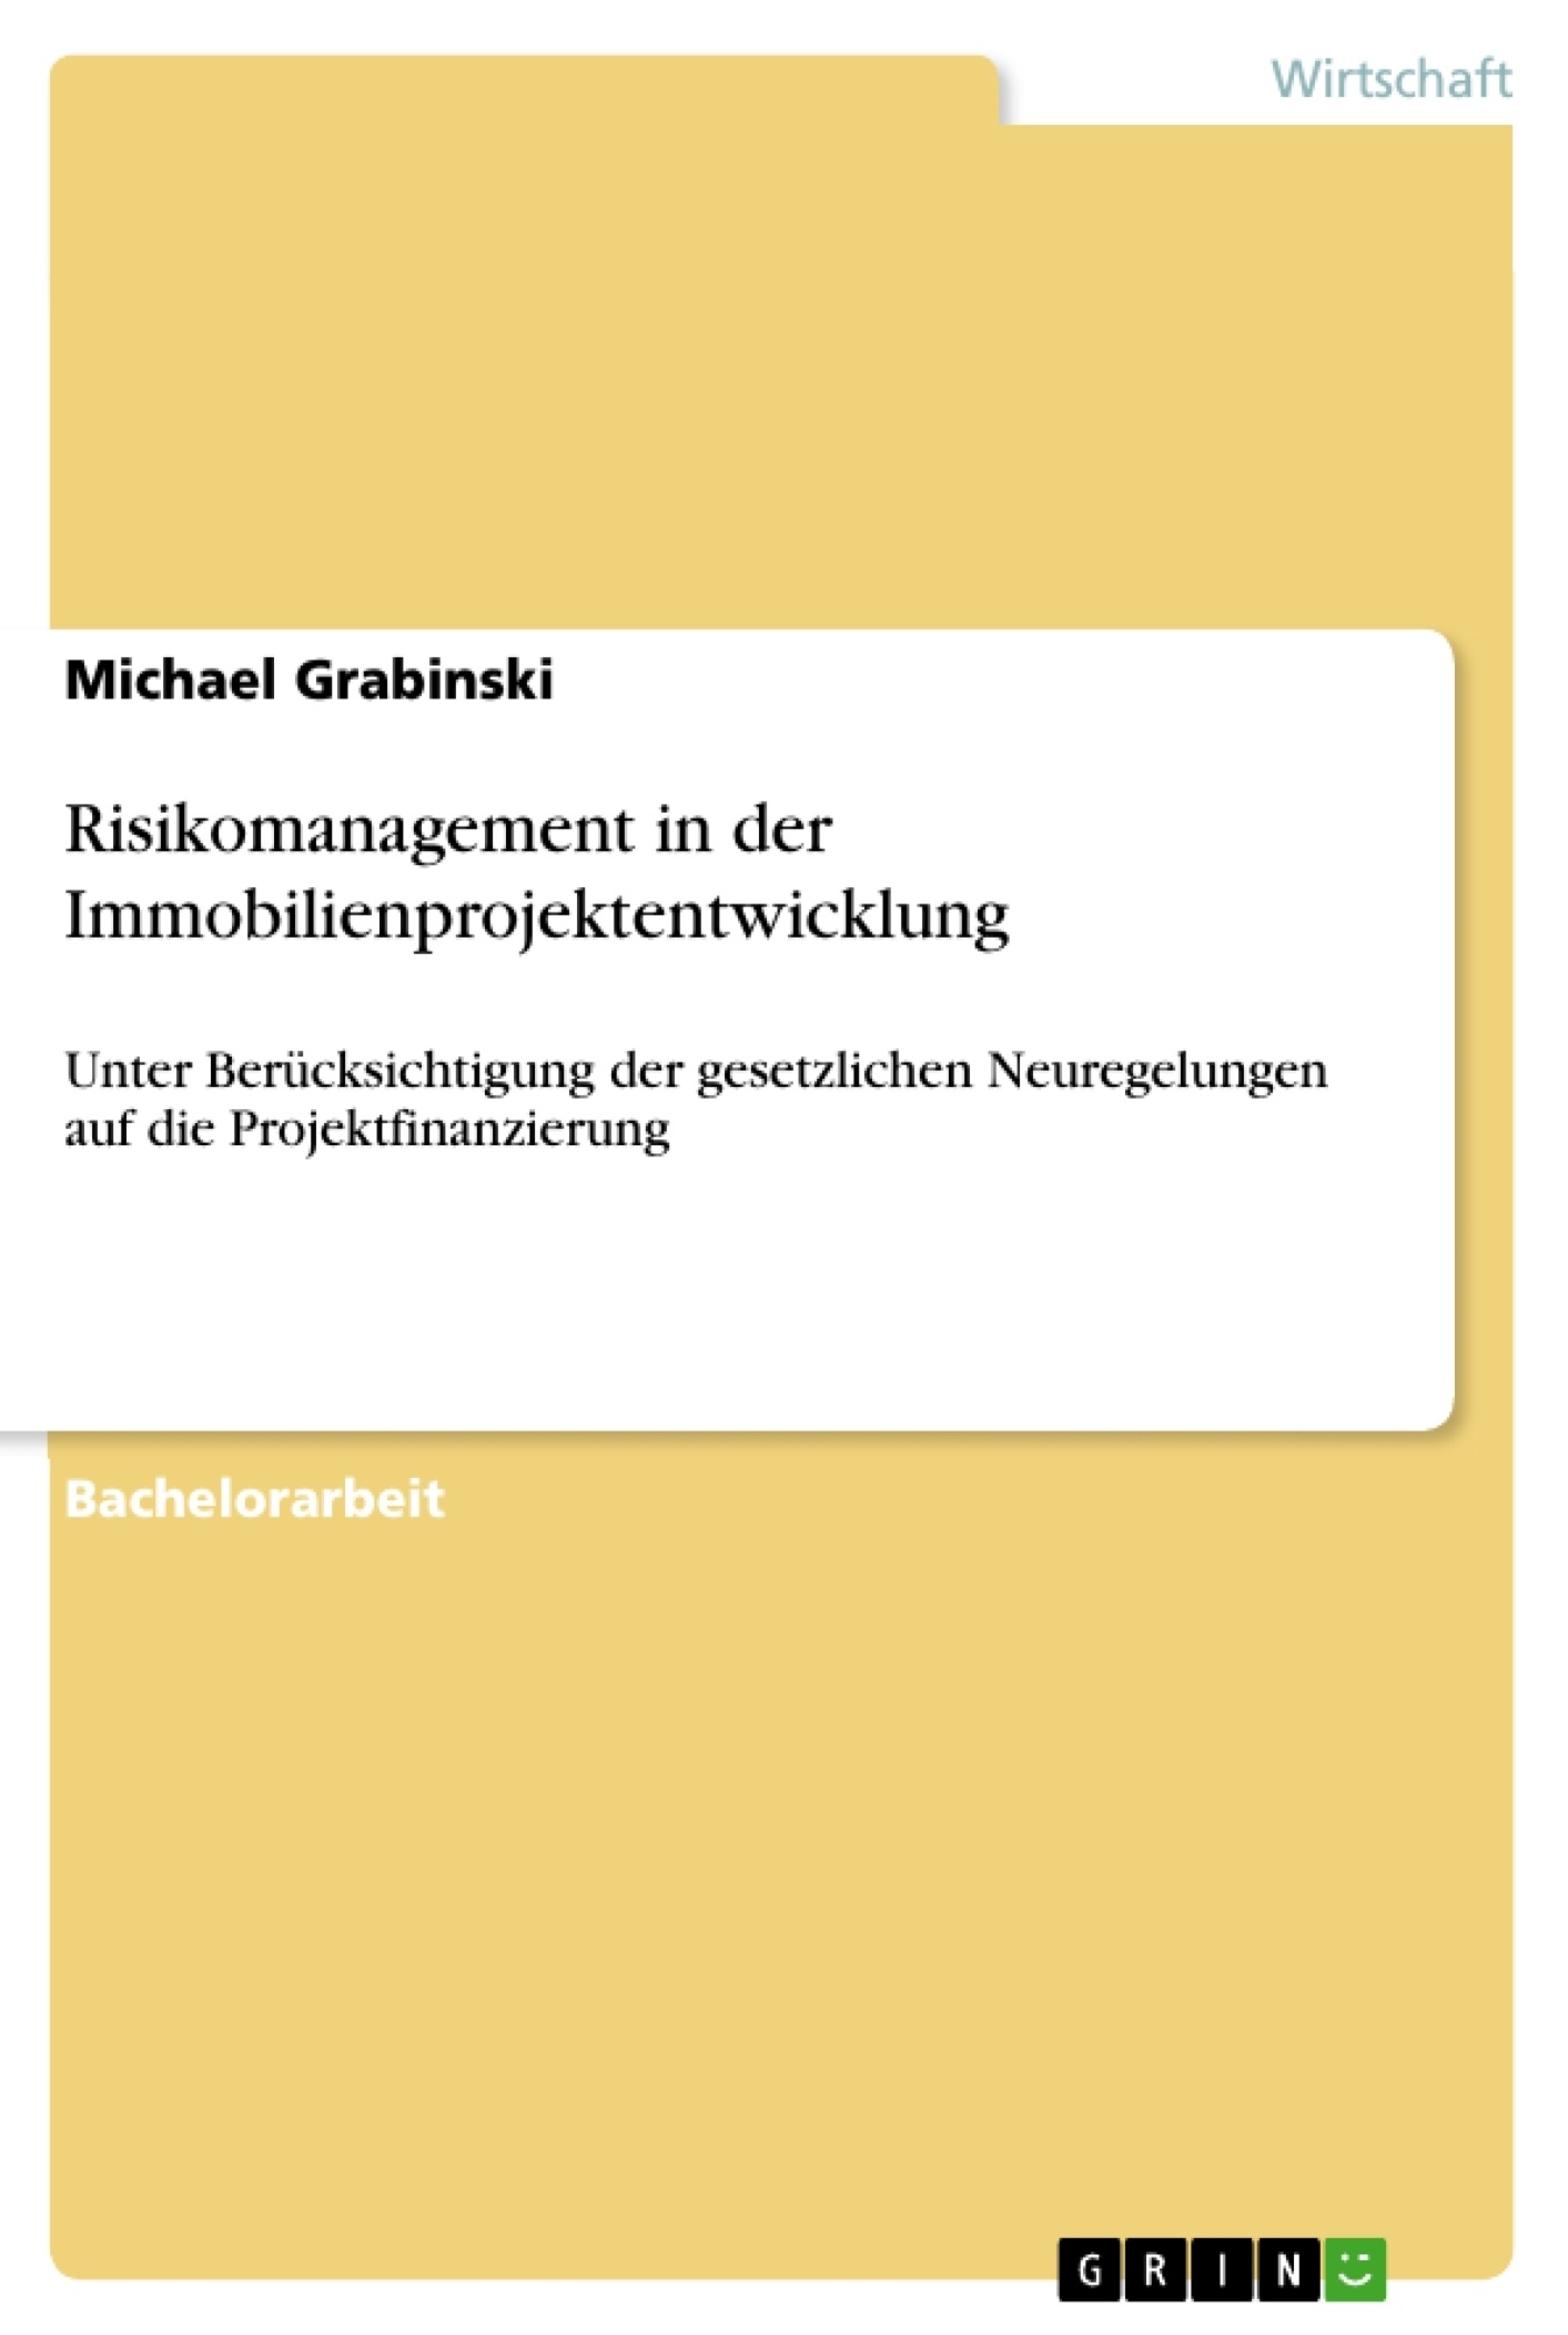 Titel: Risikomanagement in der Immobilienprojektentwicklung